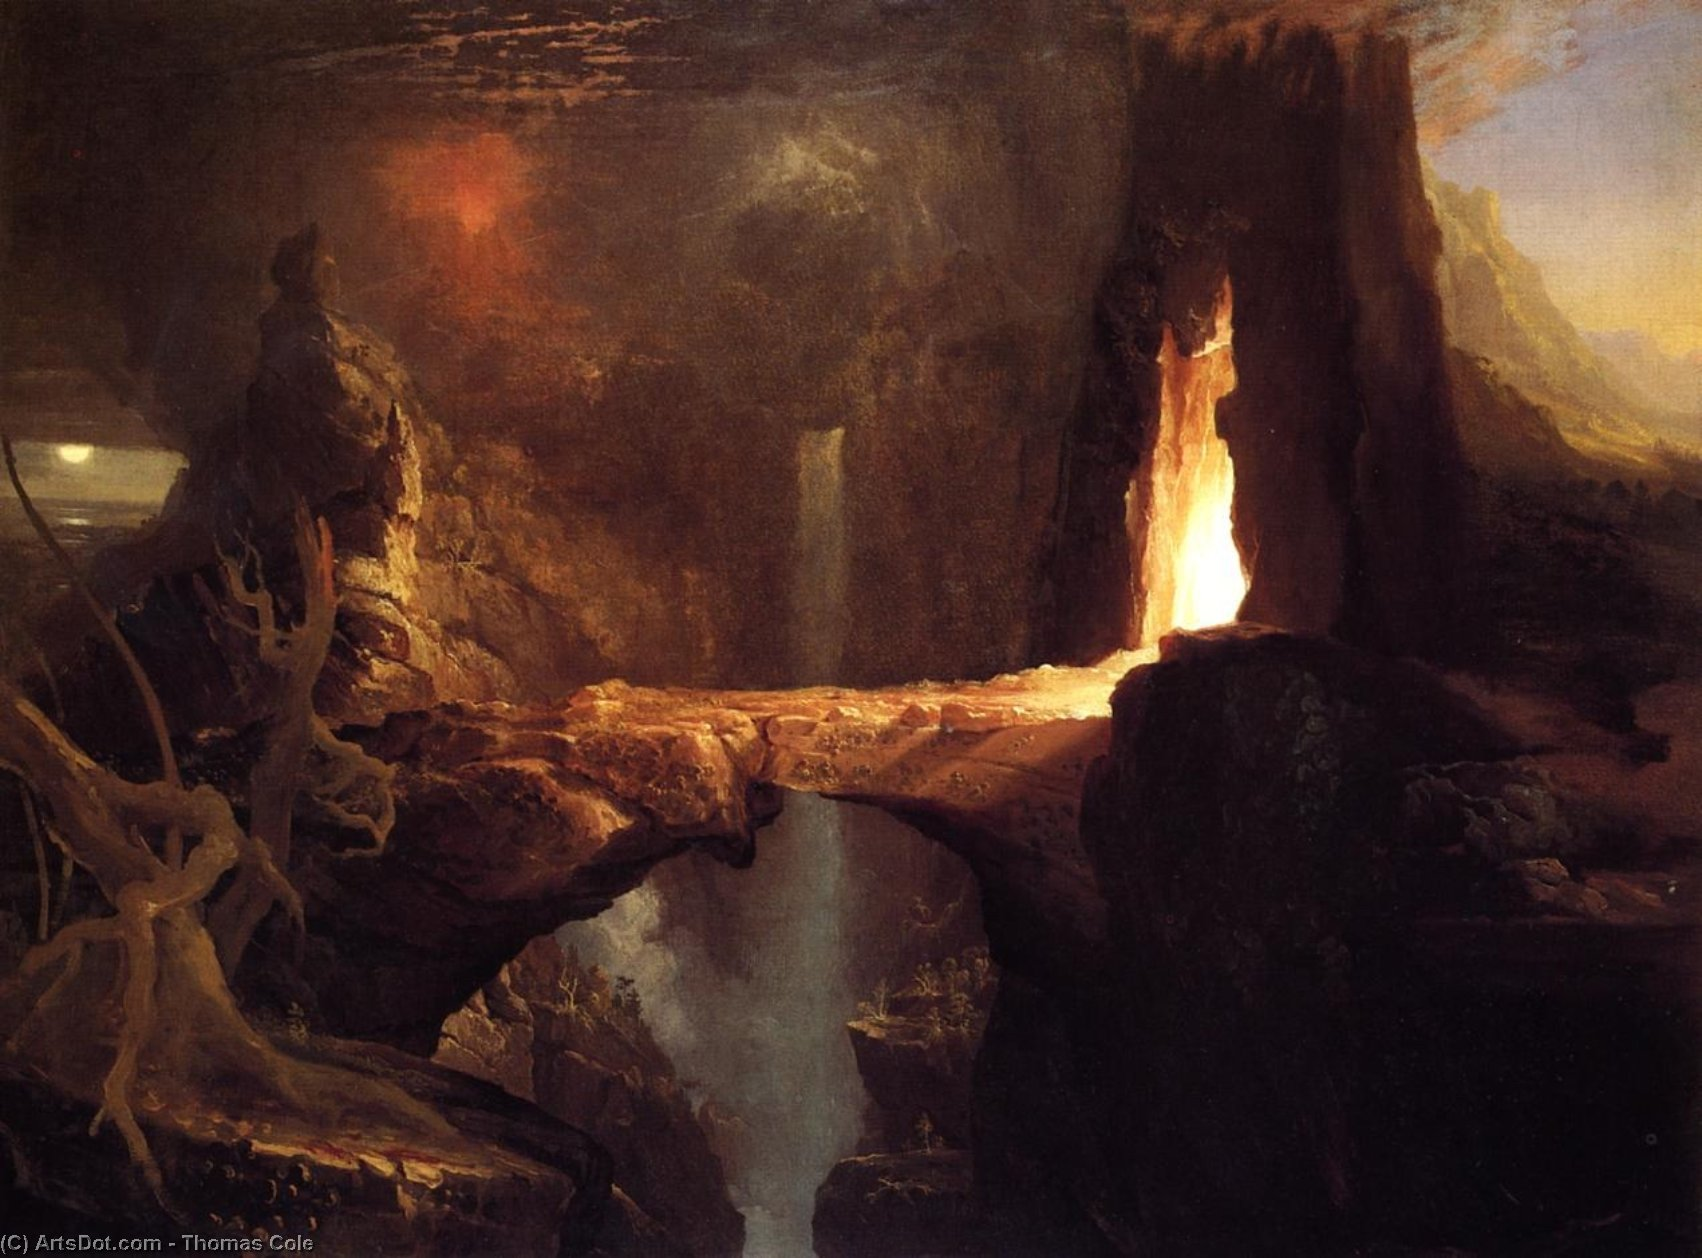 Expulsion. Moon and Firelight - Thomas Cole